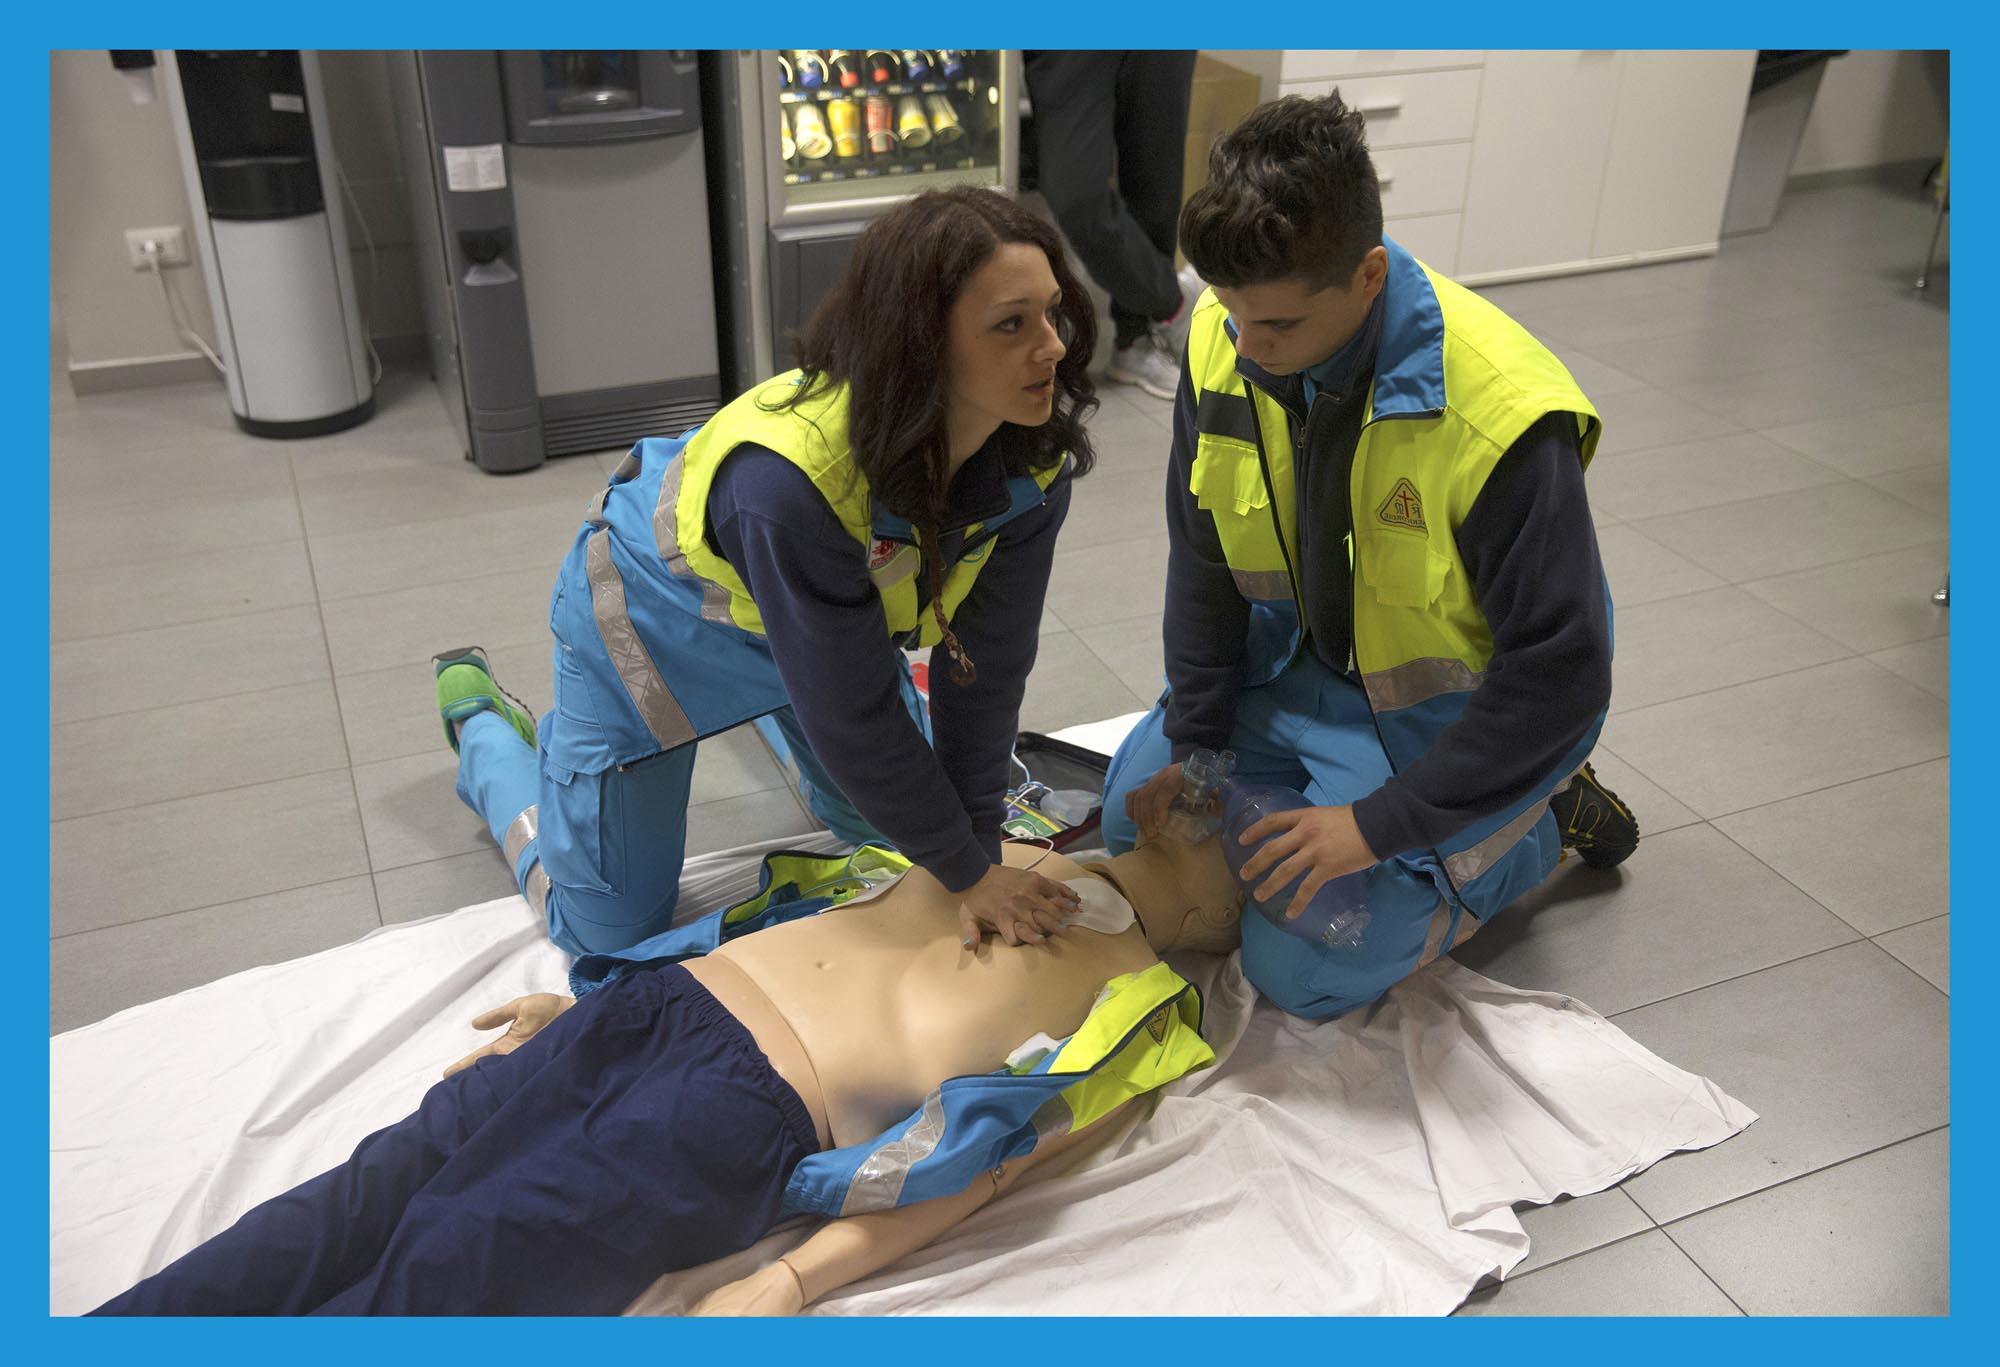 0188 Formazione di primo soccorso - Volontari AVO e della Misericordia, on the other side